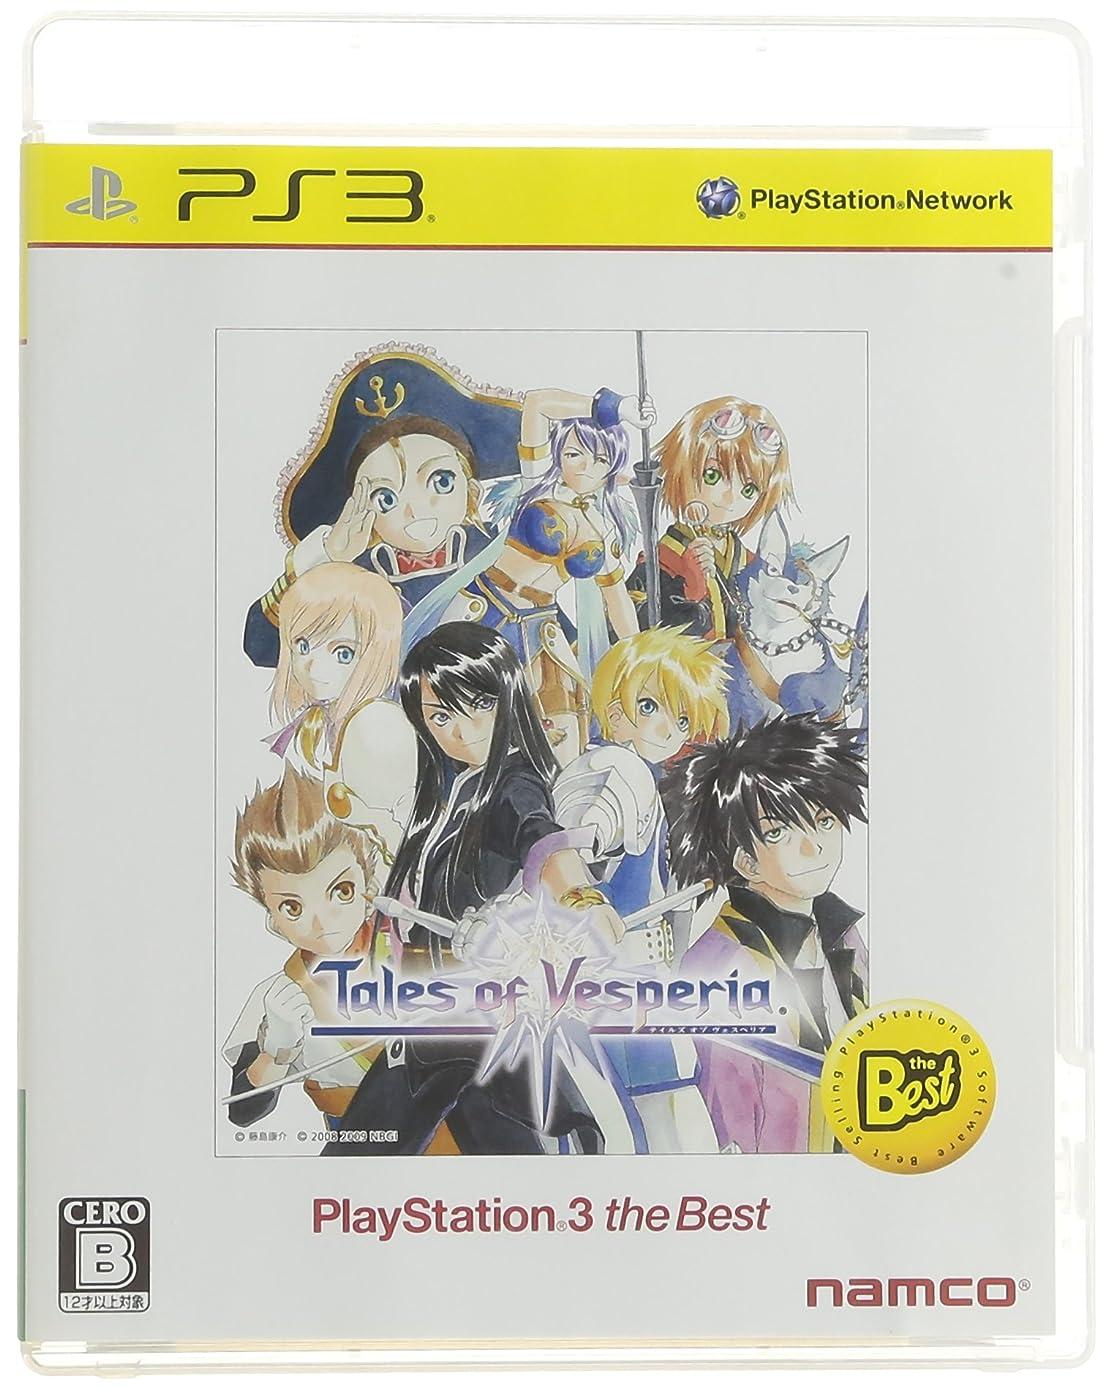 接続詞飼い慣らす常習的テイルズ オブ ヴェスペリア PlayStation3 the Best